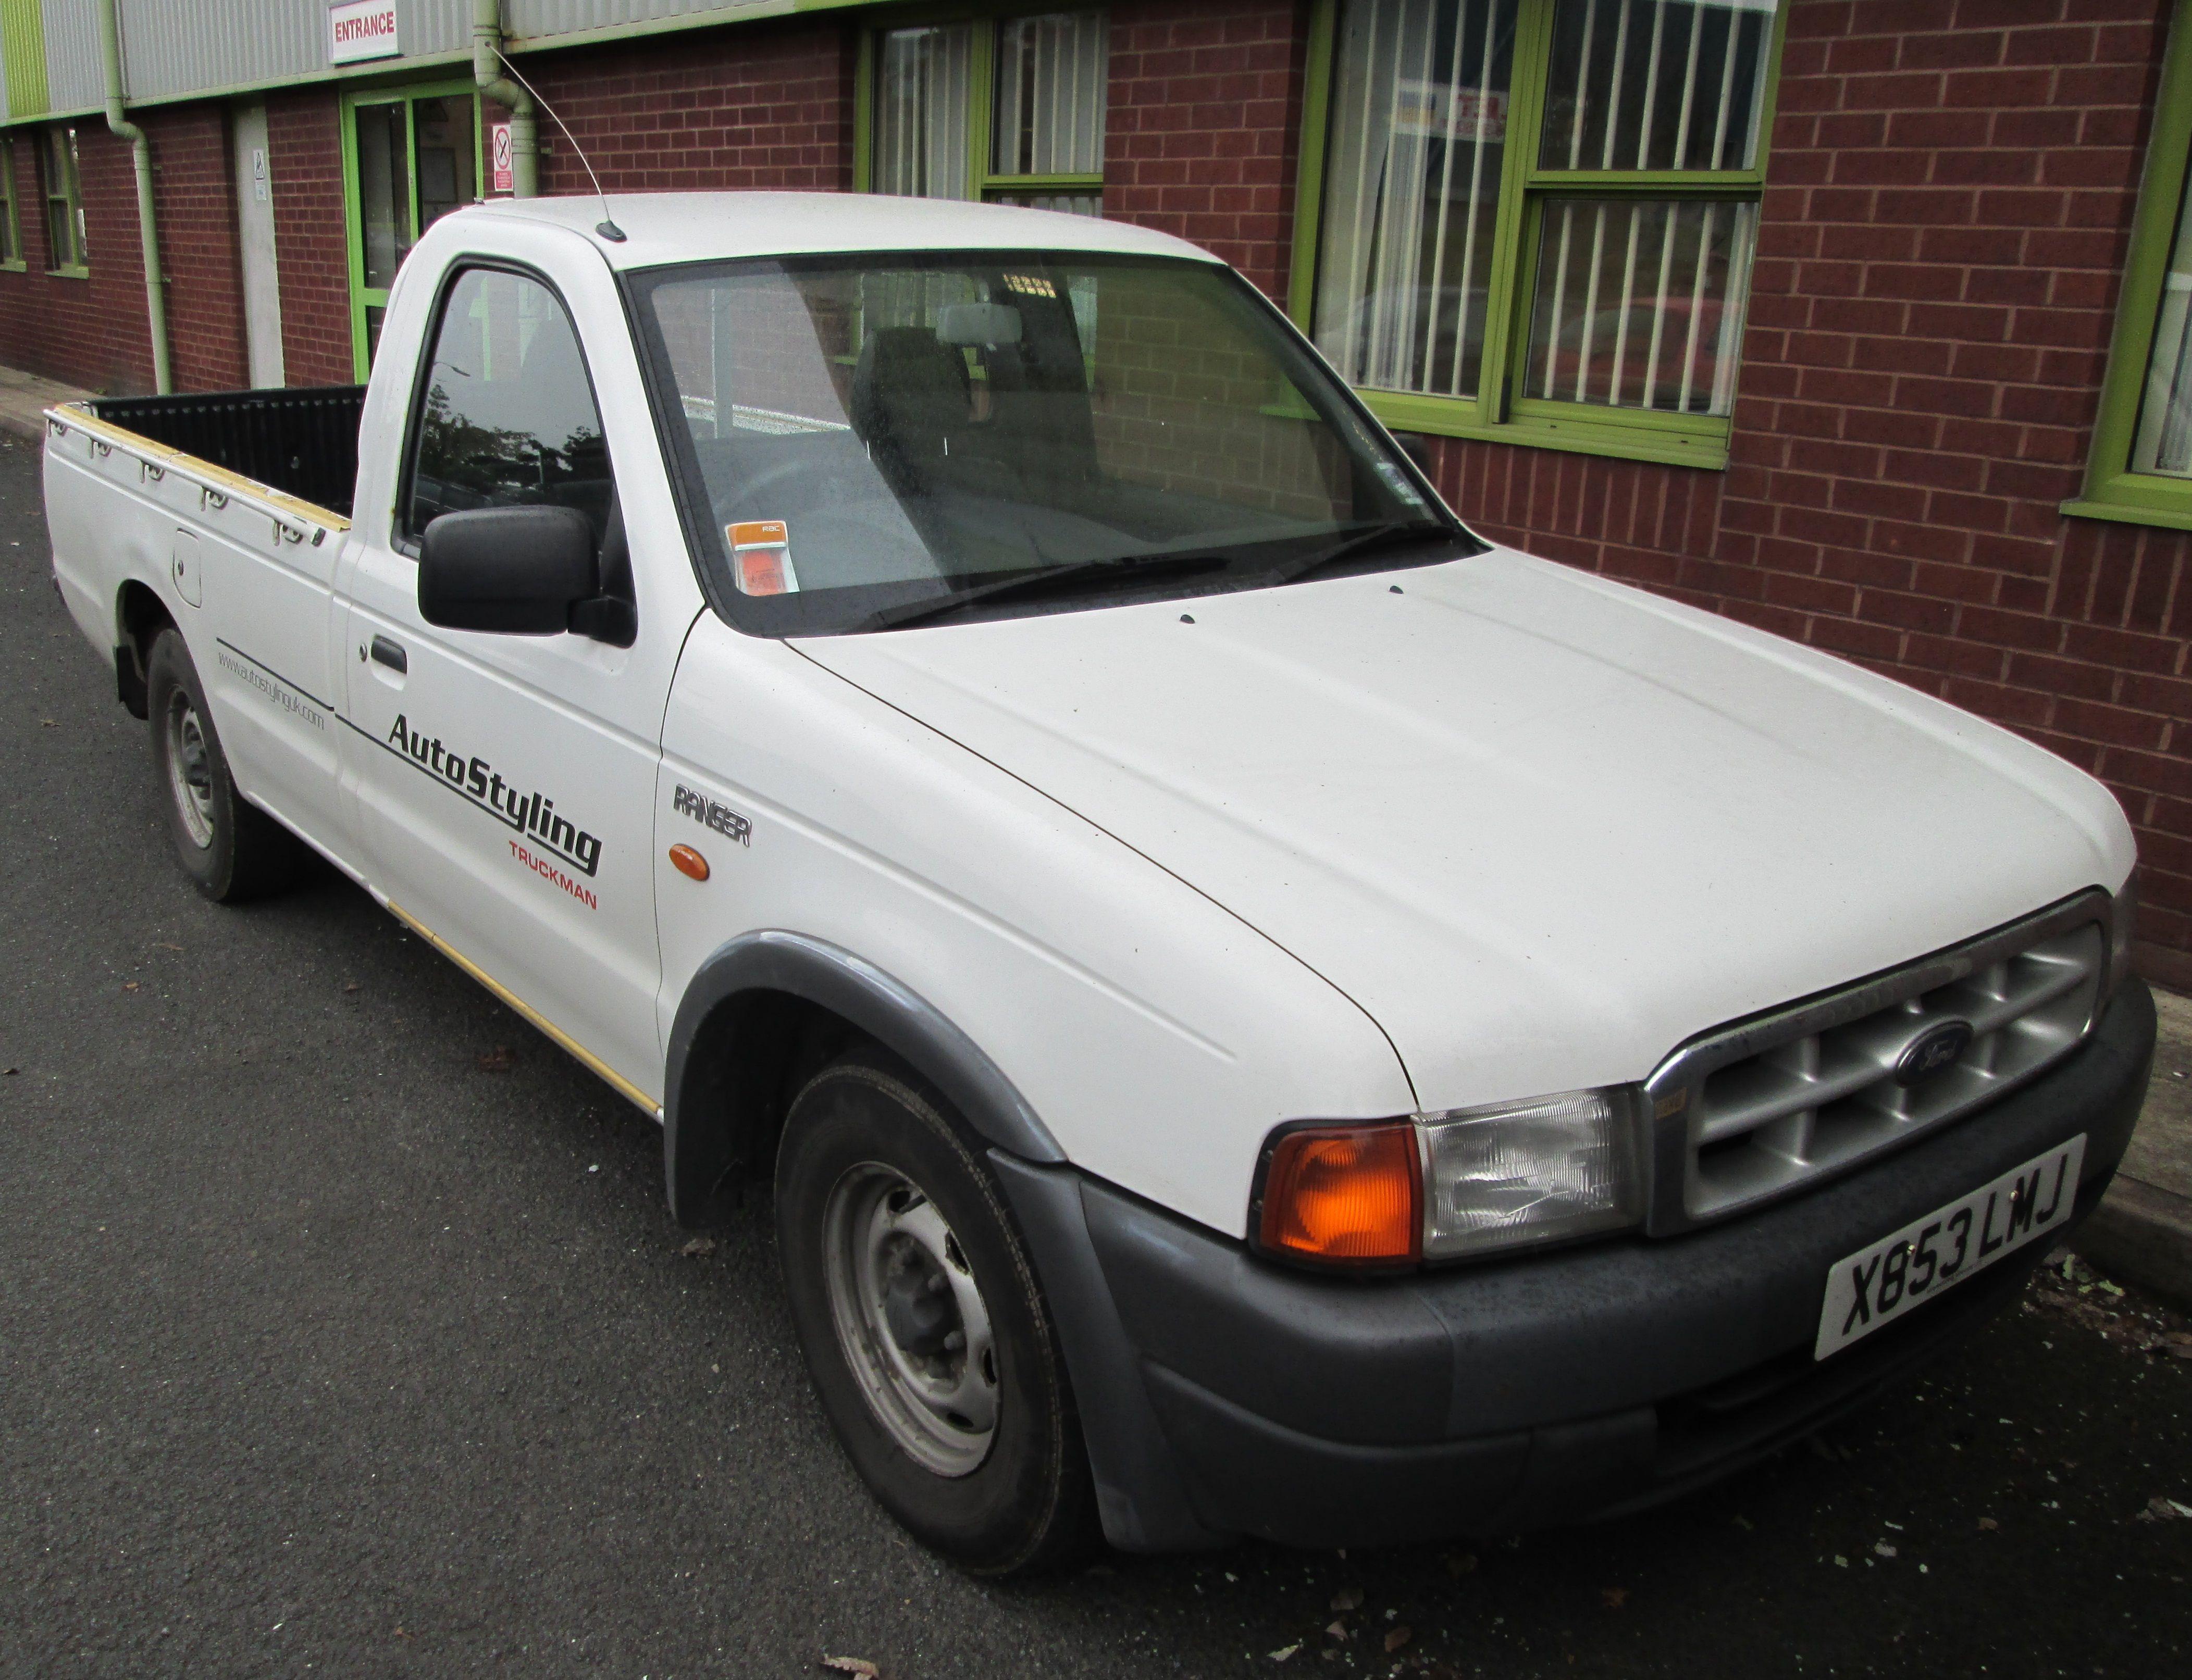 Ford Ranger Mk1 99 03 On Single Cab Ford Ranger Ranger Truck